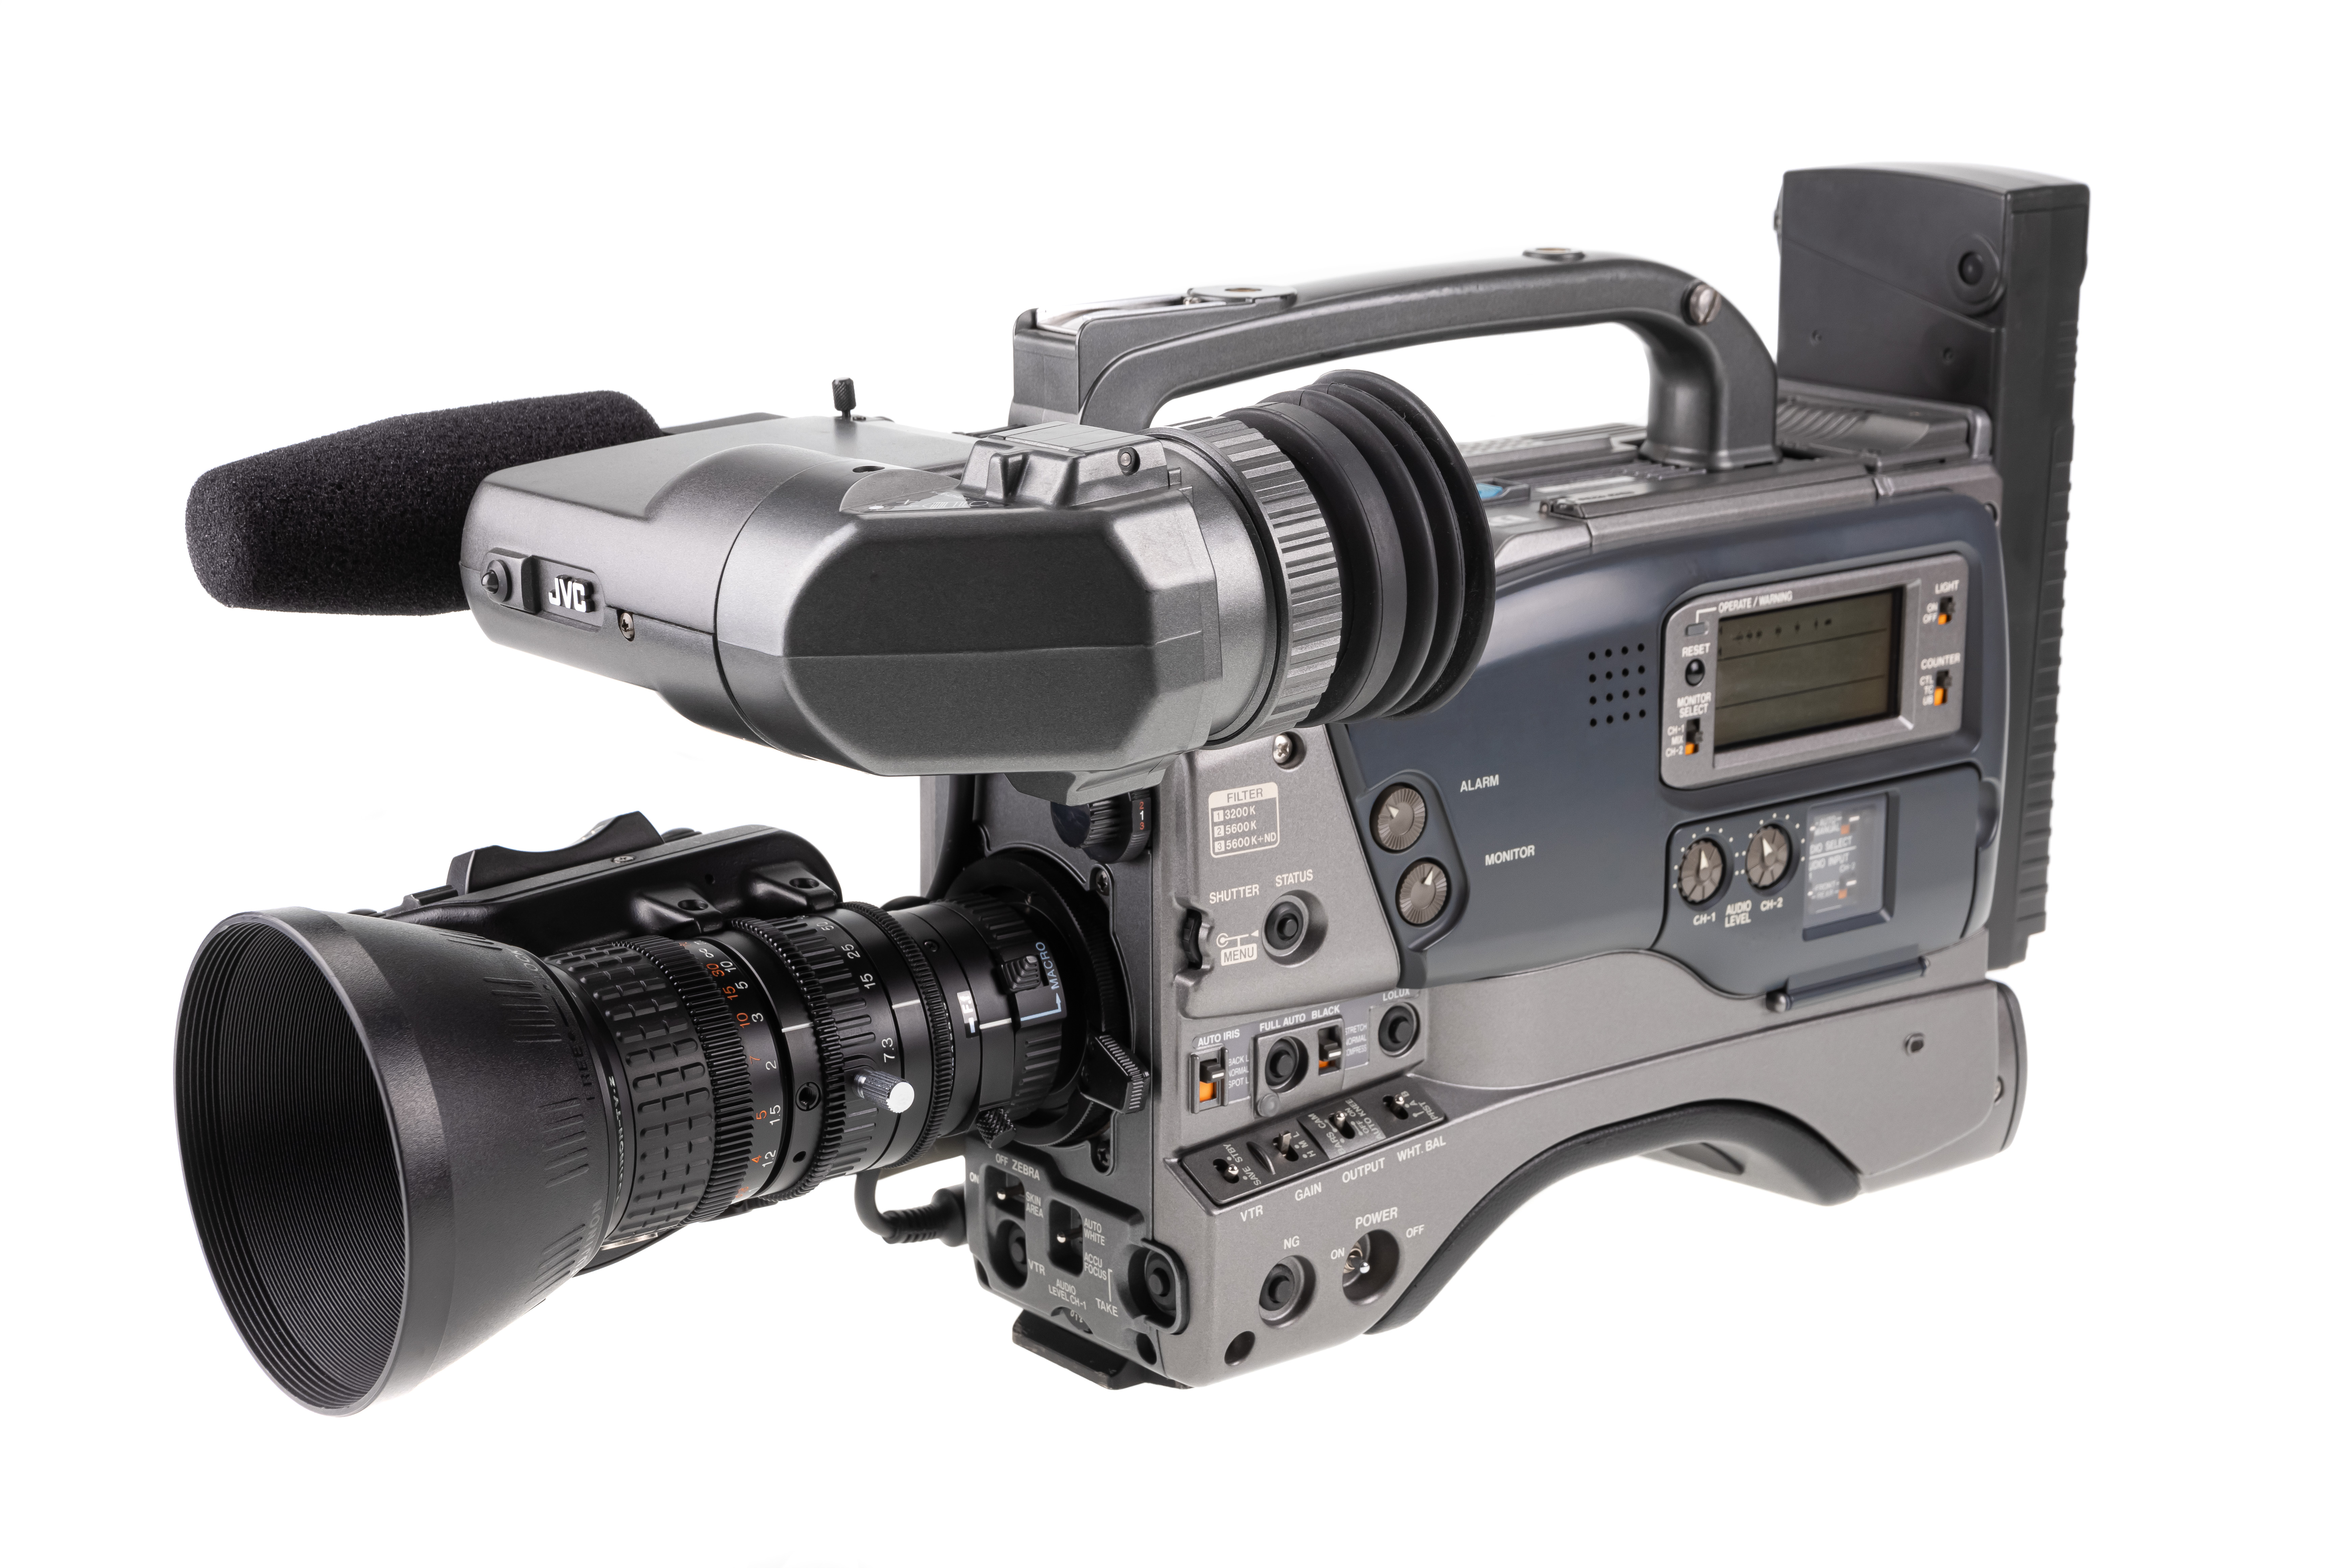 JVC GY-DV500E - 1